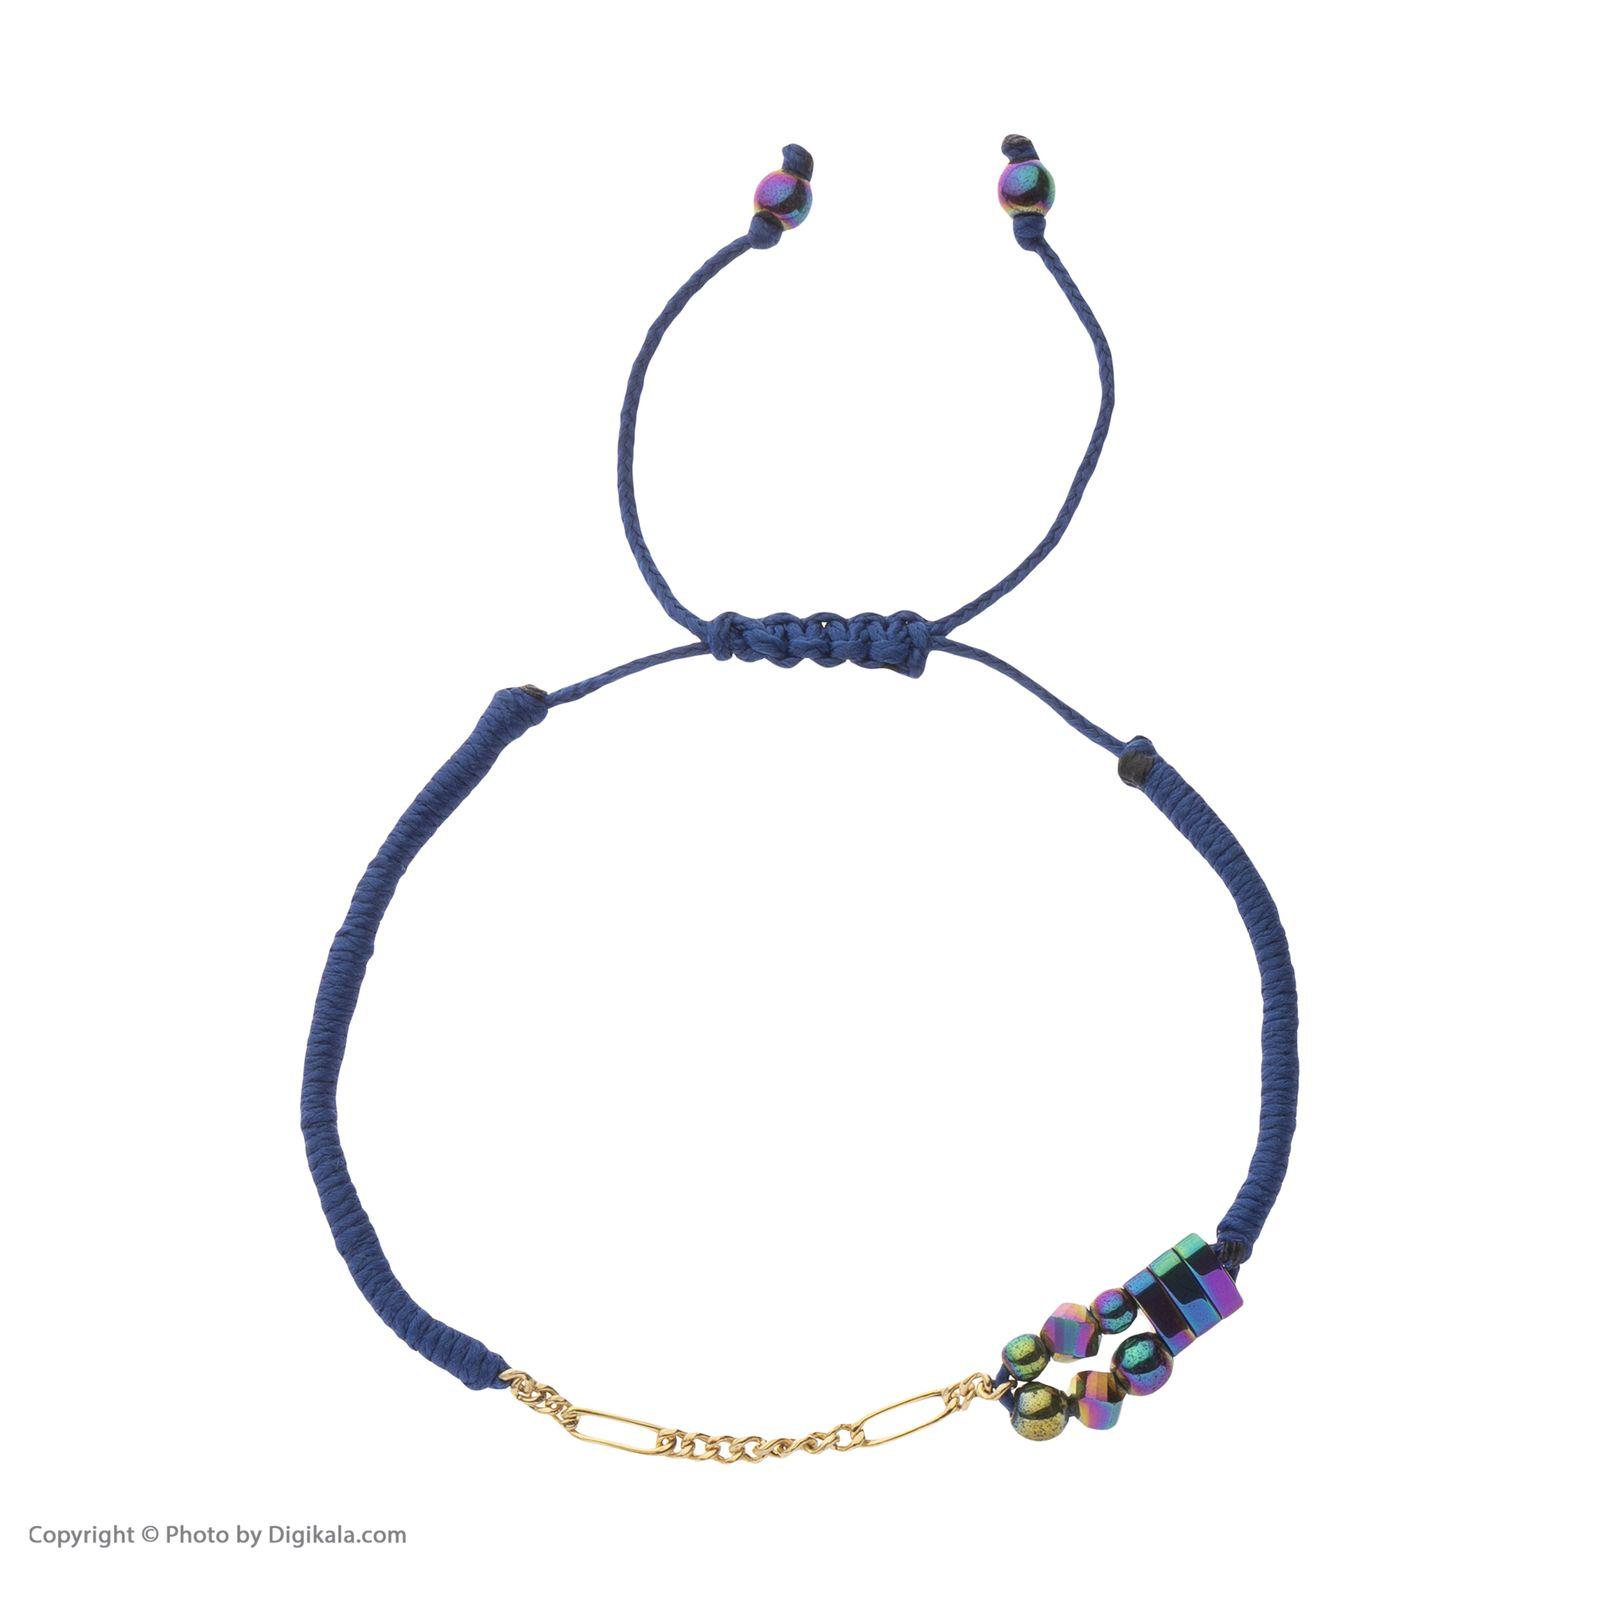 دستبند طلا زنانه سنجاق مدل x094287 -  - 3